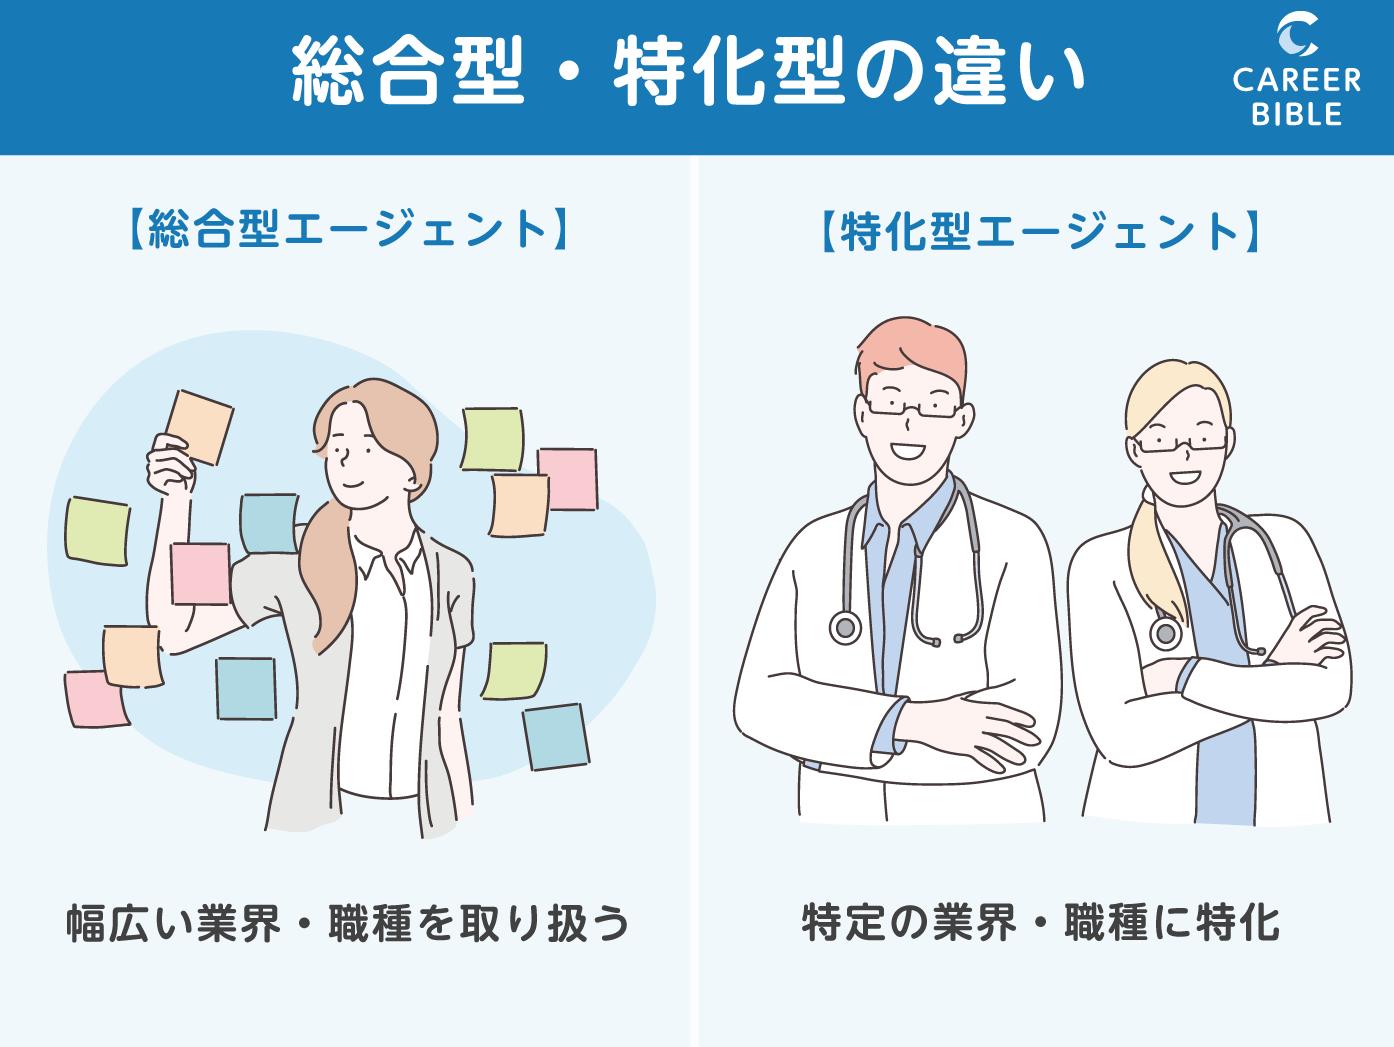 総合型エージェントと医師特化型エージェントの違い